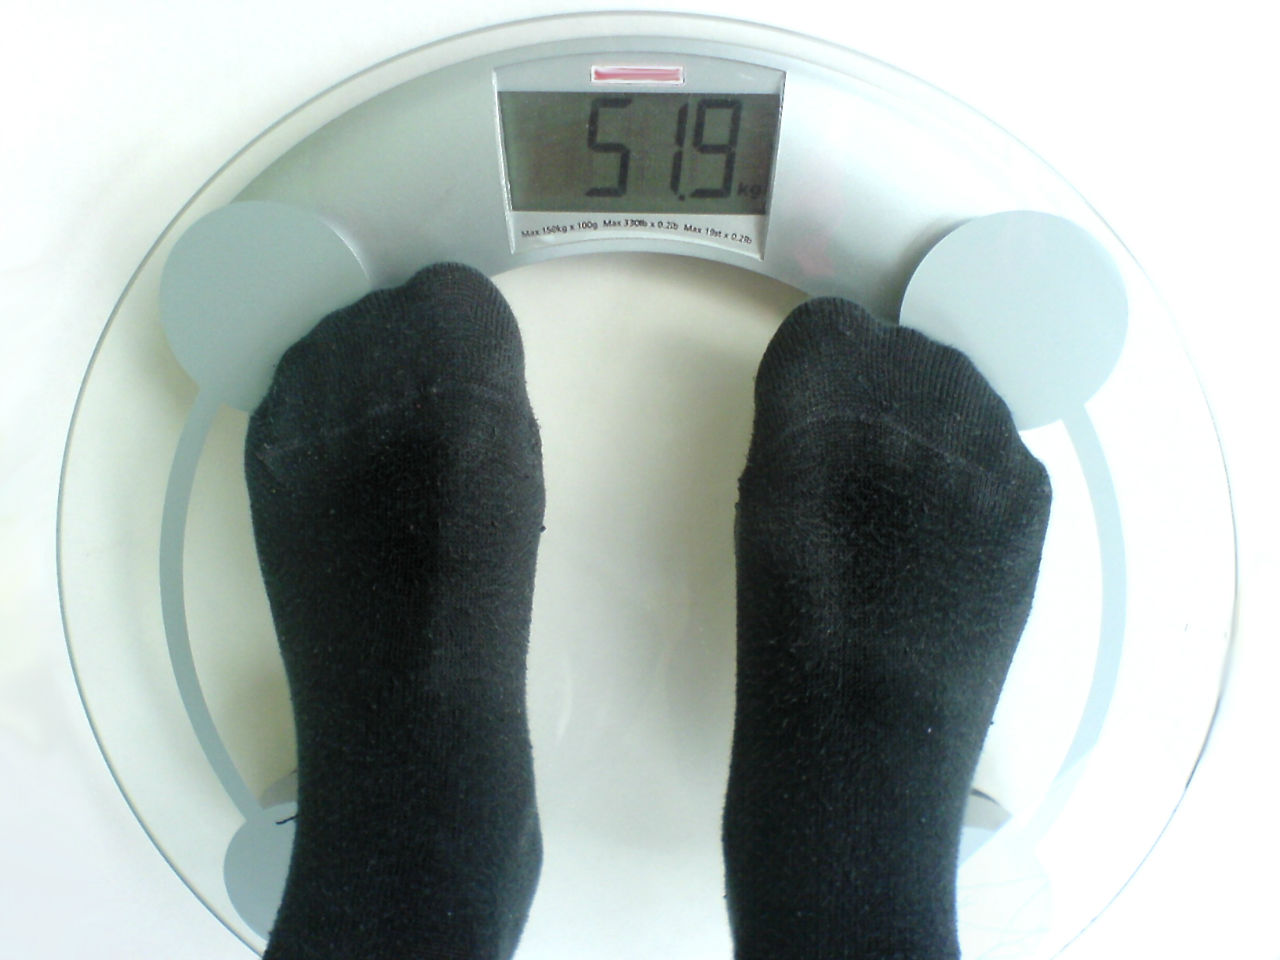 Perdre du poids efficacement, par quels moyens ?